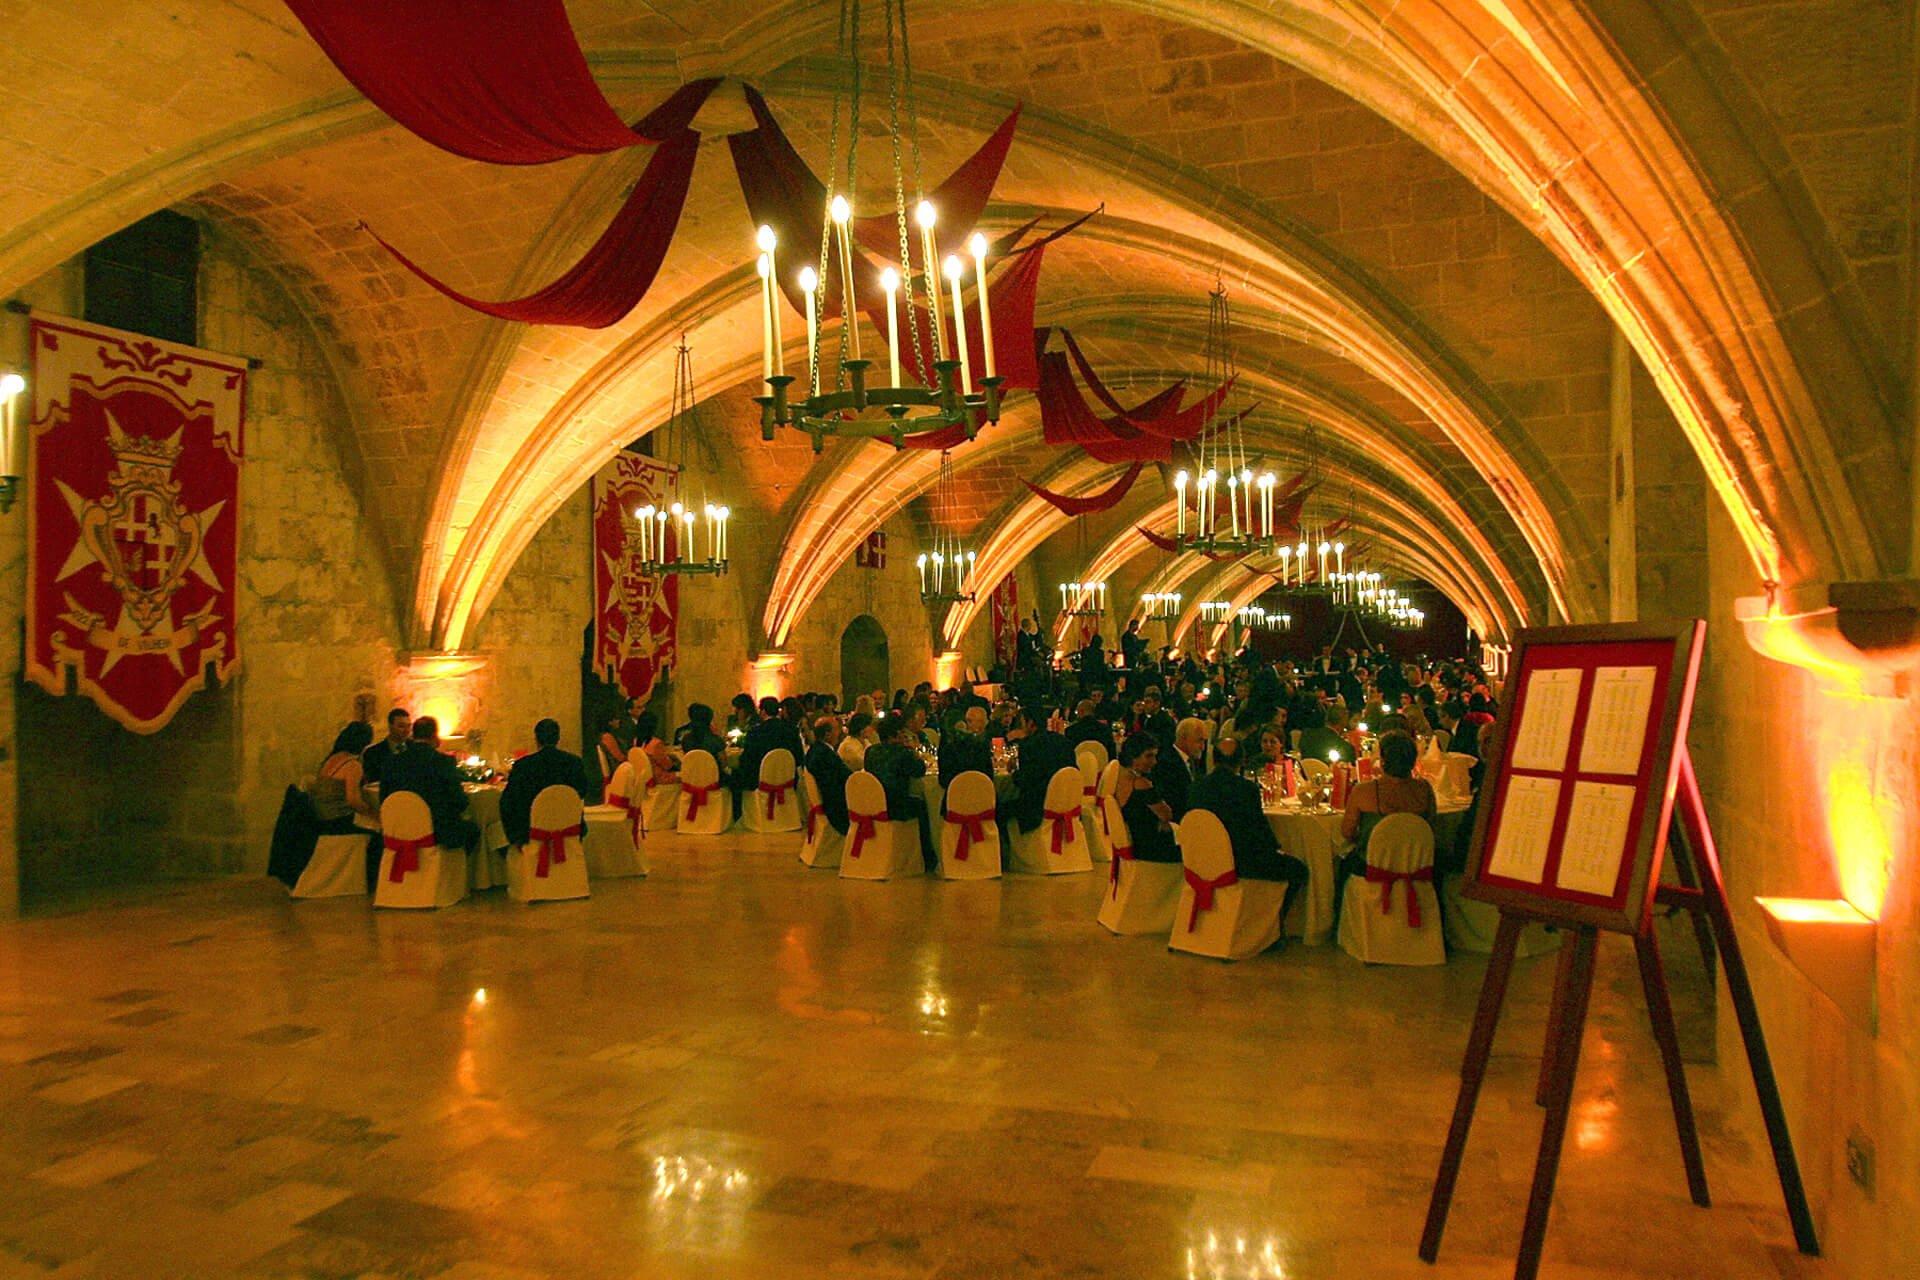 La Valette Hall